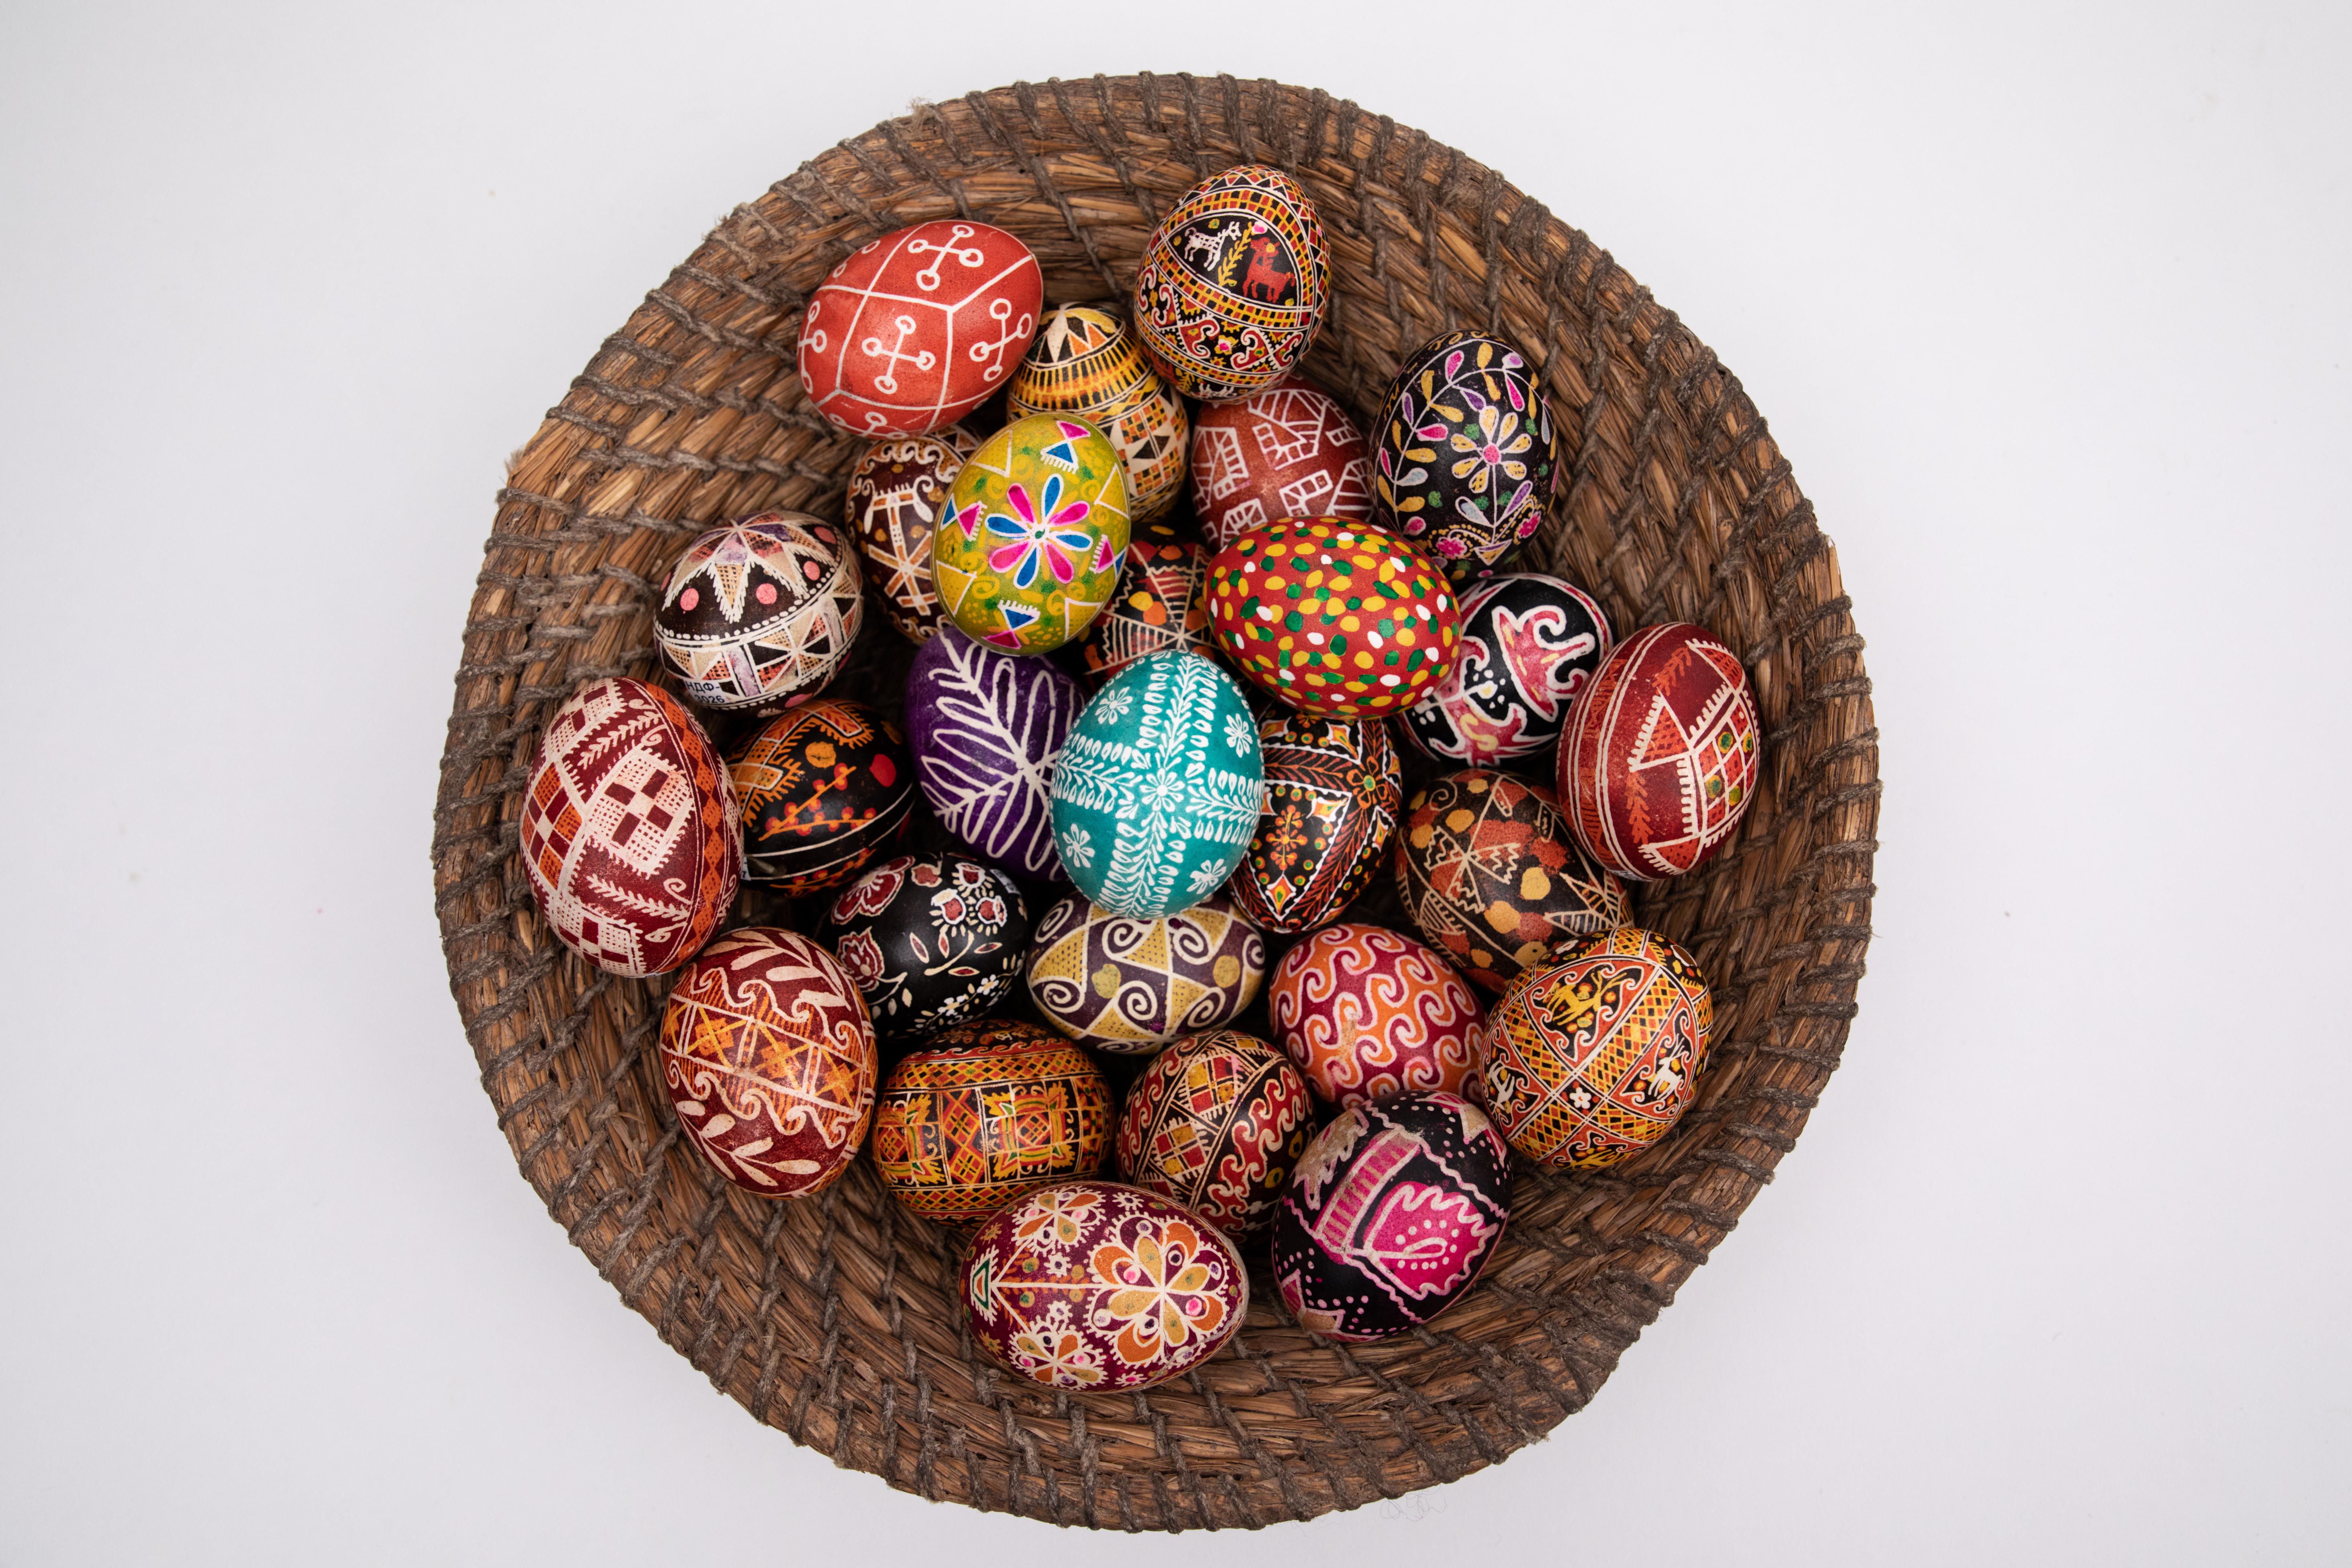 Обрядовий атрибут Великодніх свят, який розписували на сирому яйці традиційними символами за допомогою спеціального інструмента, воску, фарб та вогню.